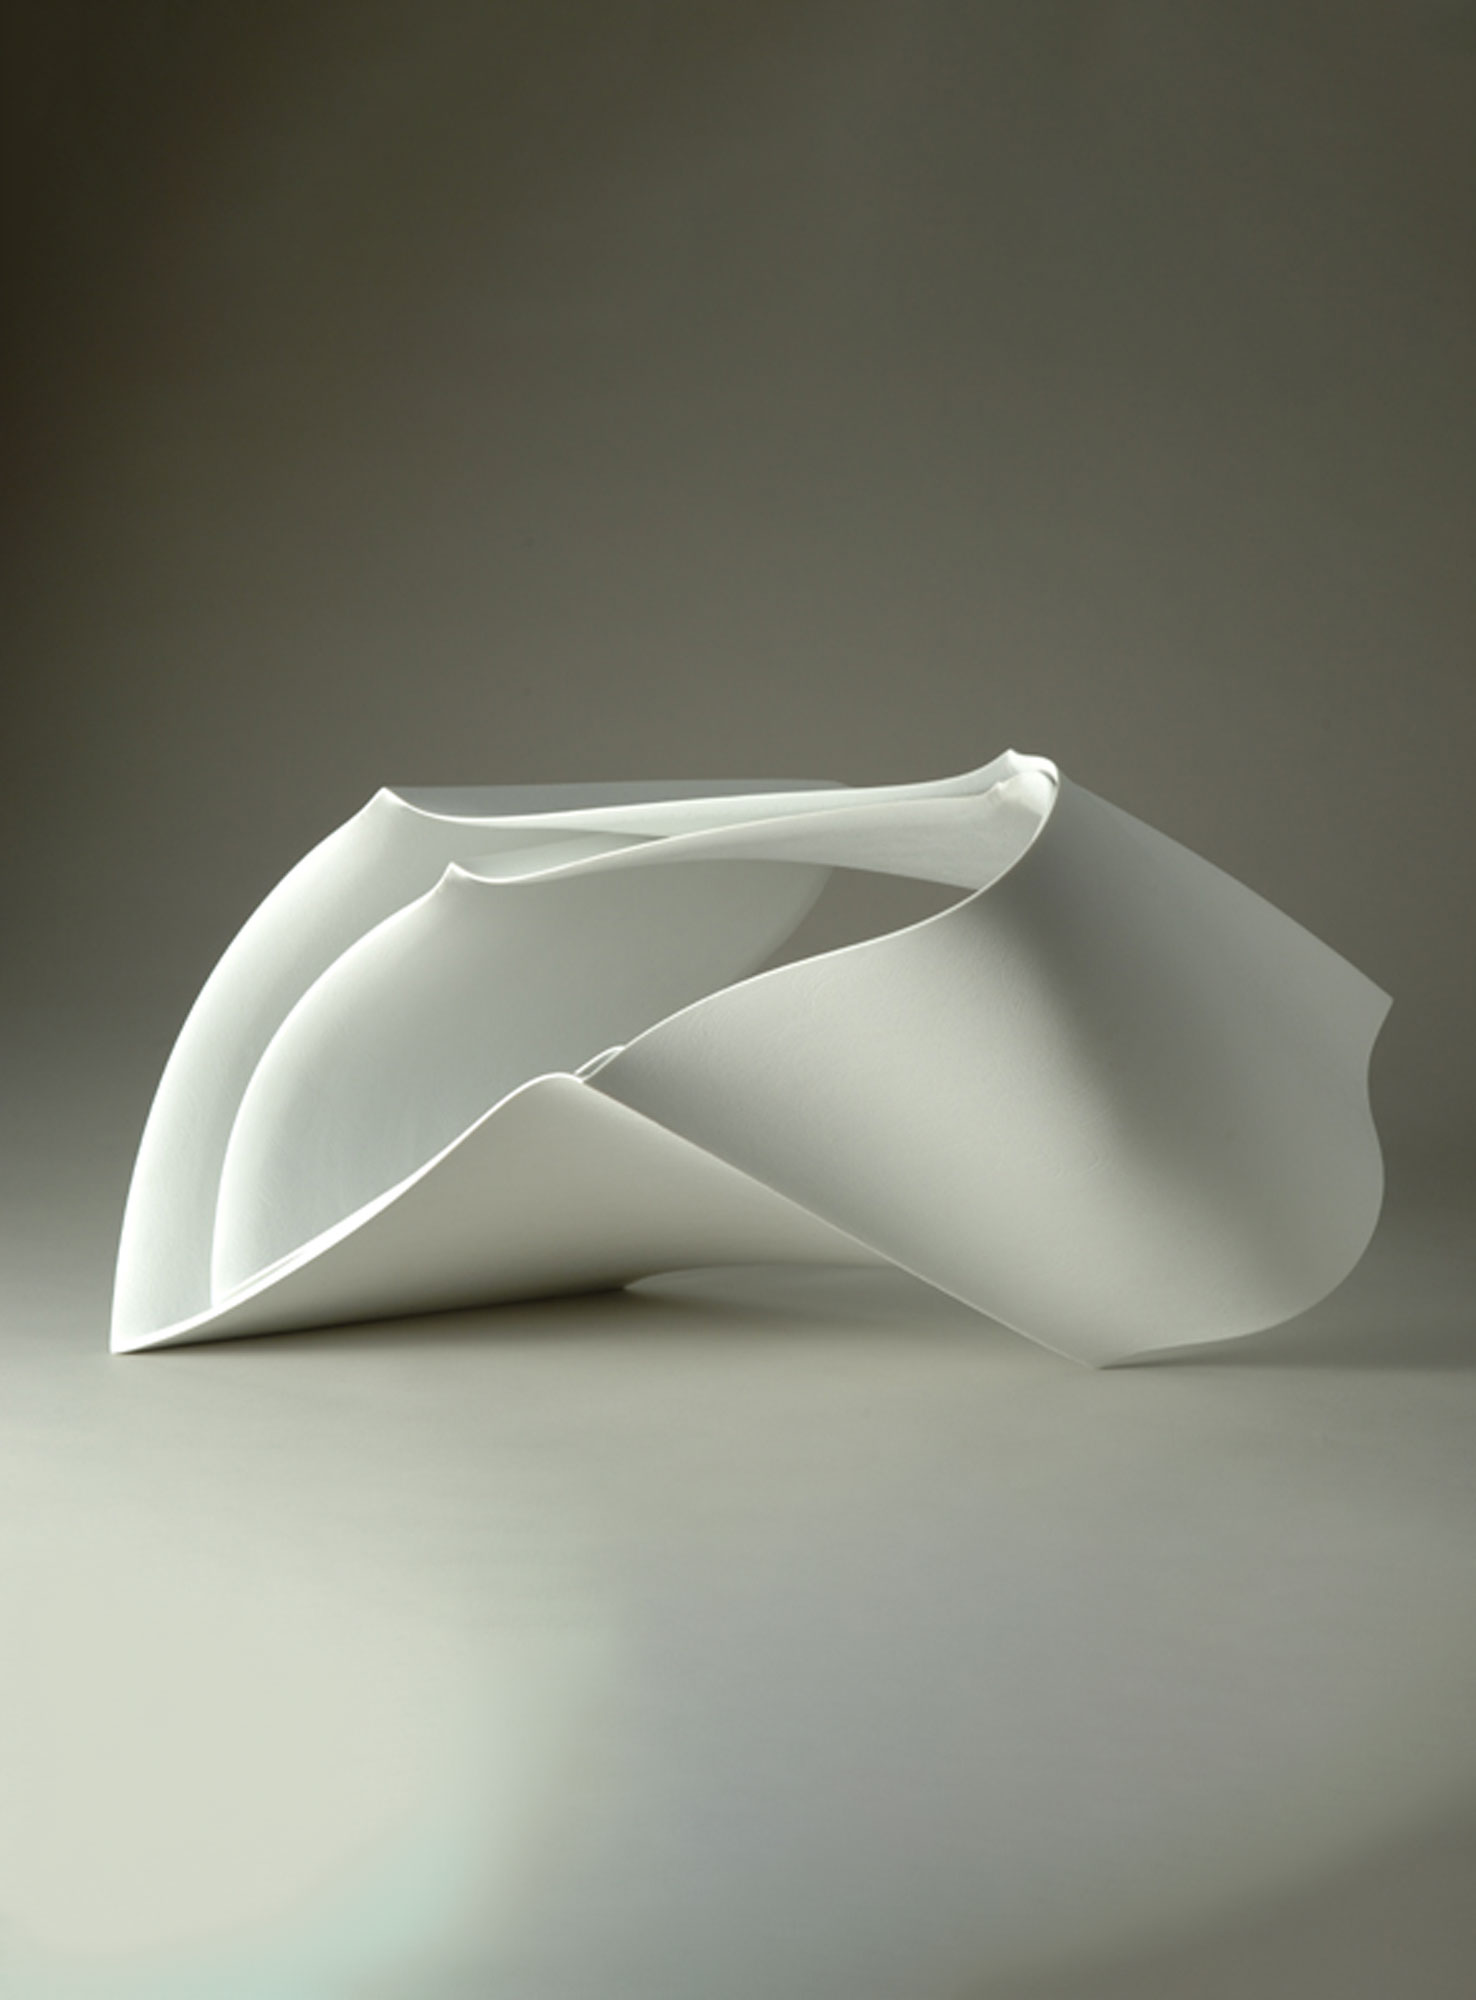 列なりのかたち(2009)